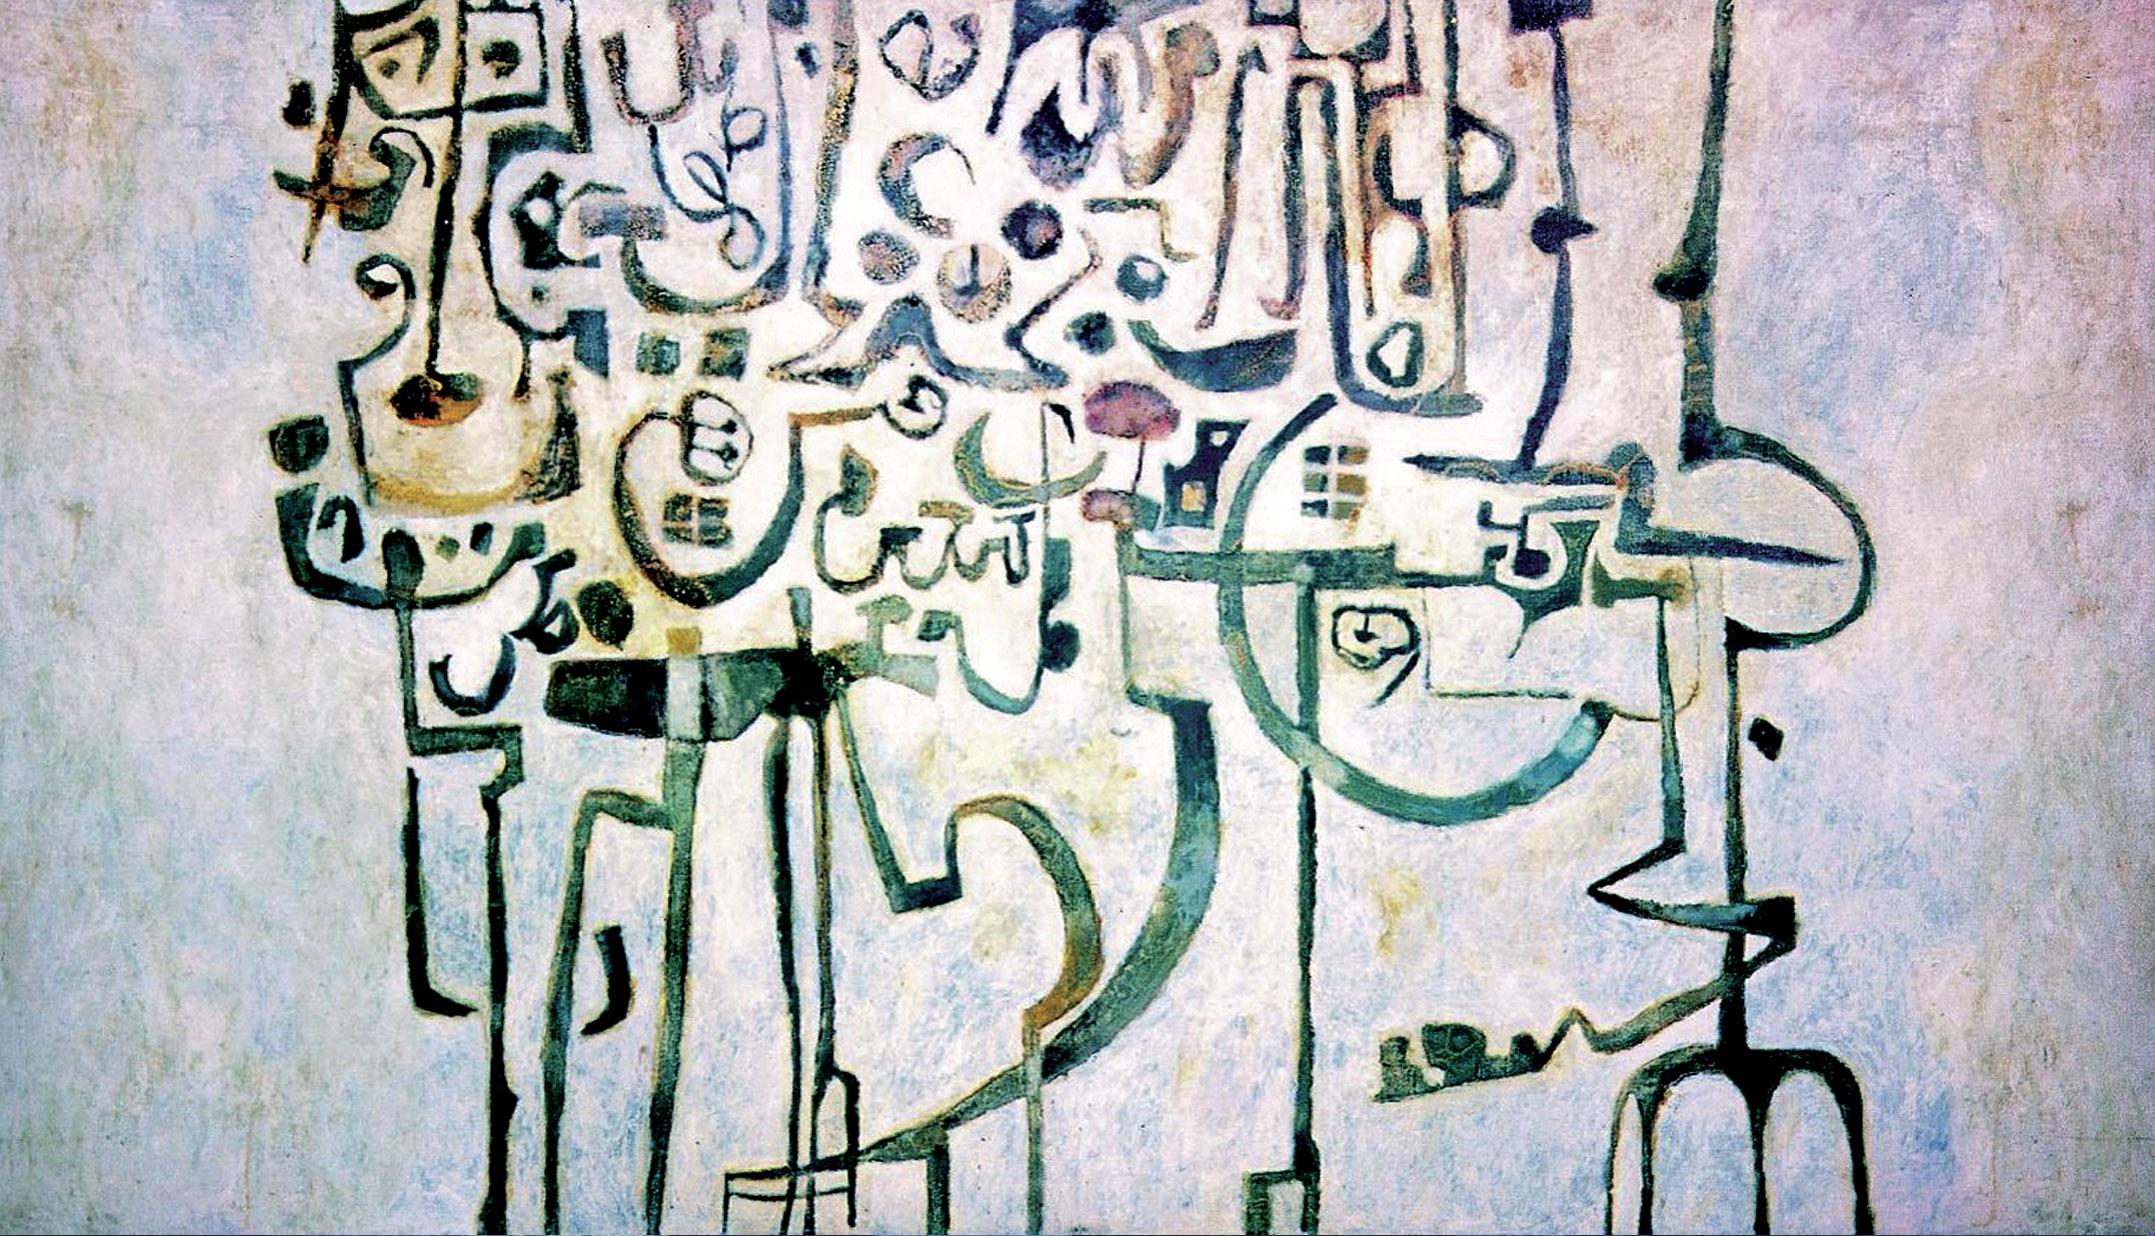 """Resim 37- Erol Akyavaş, """"The Glory of the Kings"""", 1959, tuval üzerine yağlıboya,121.8x214 cm., (MoMA koleksiyonu)."""